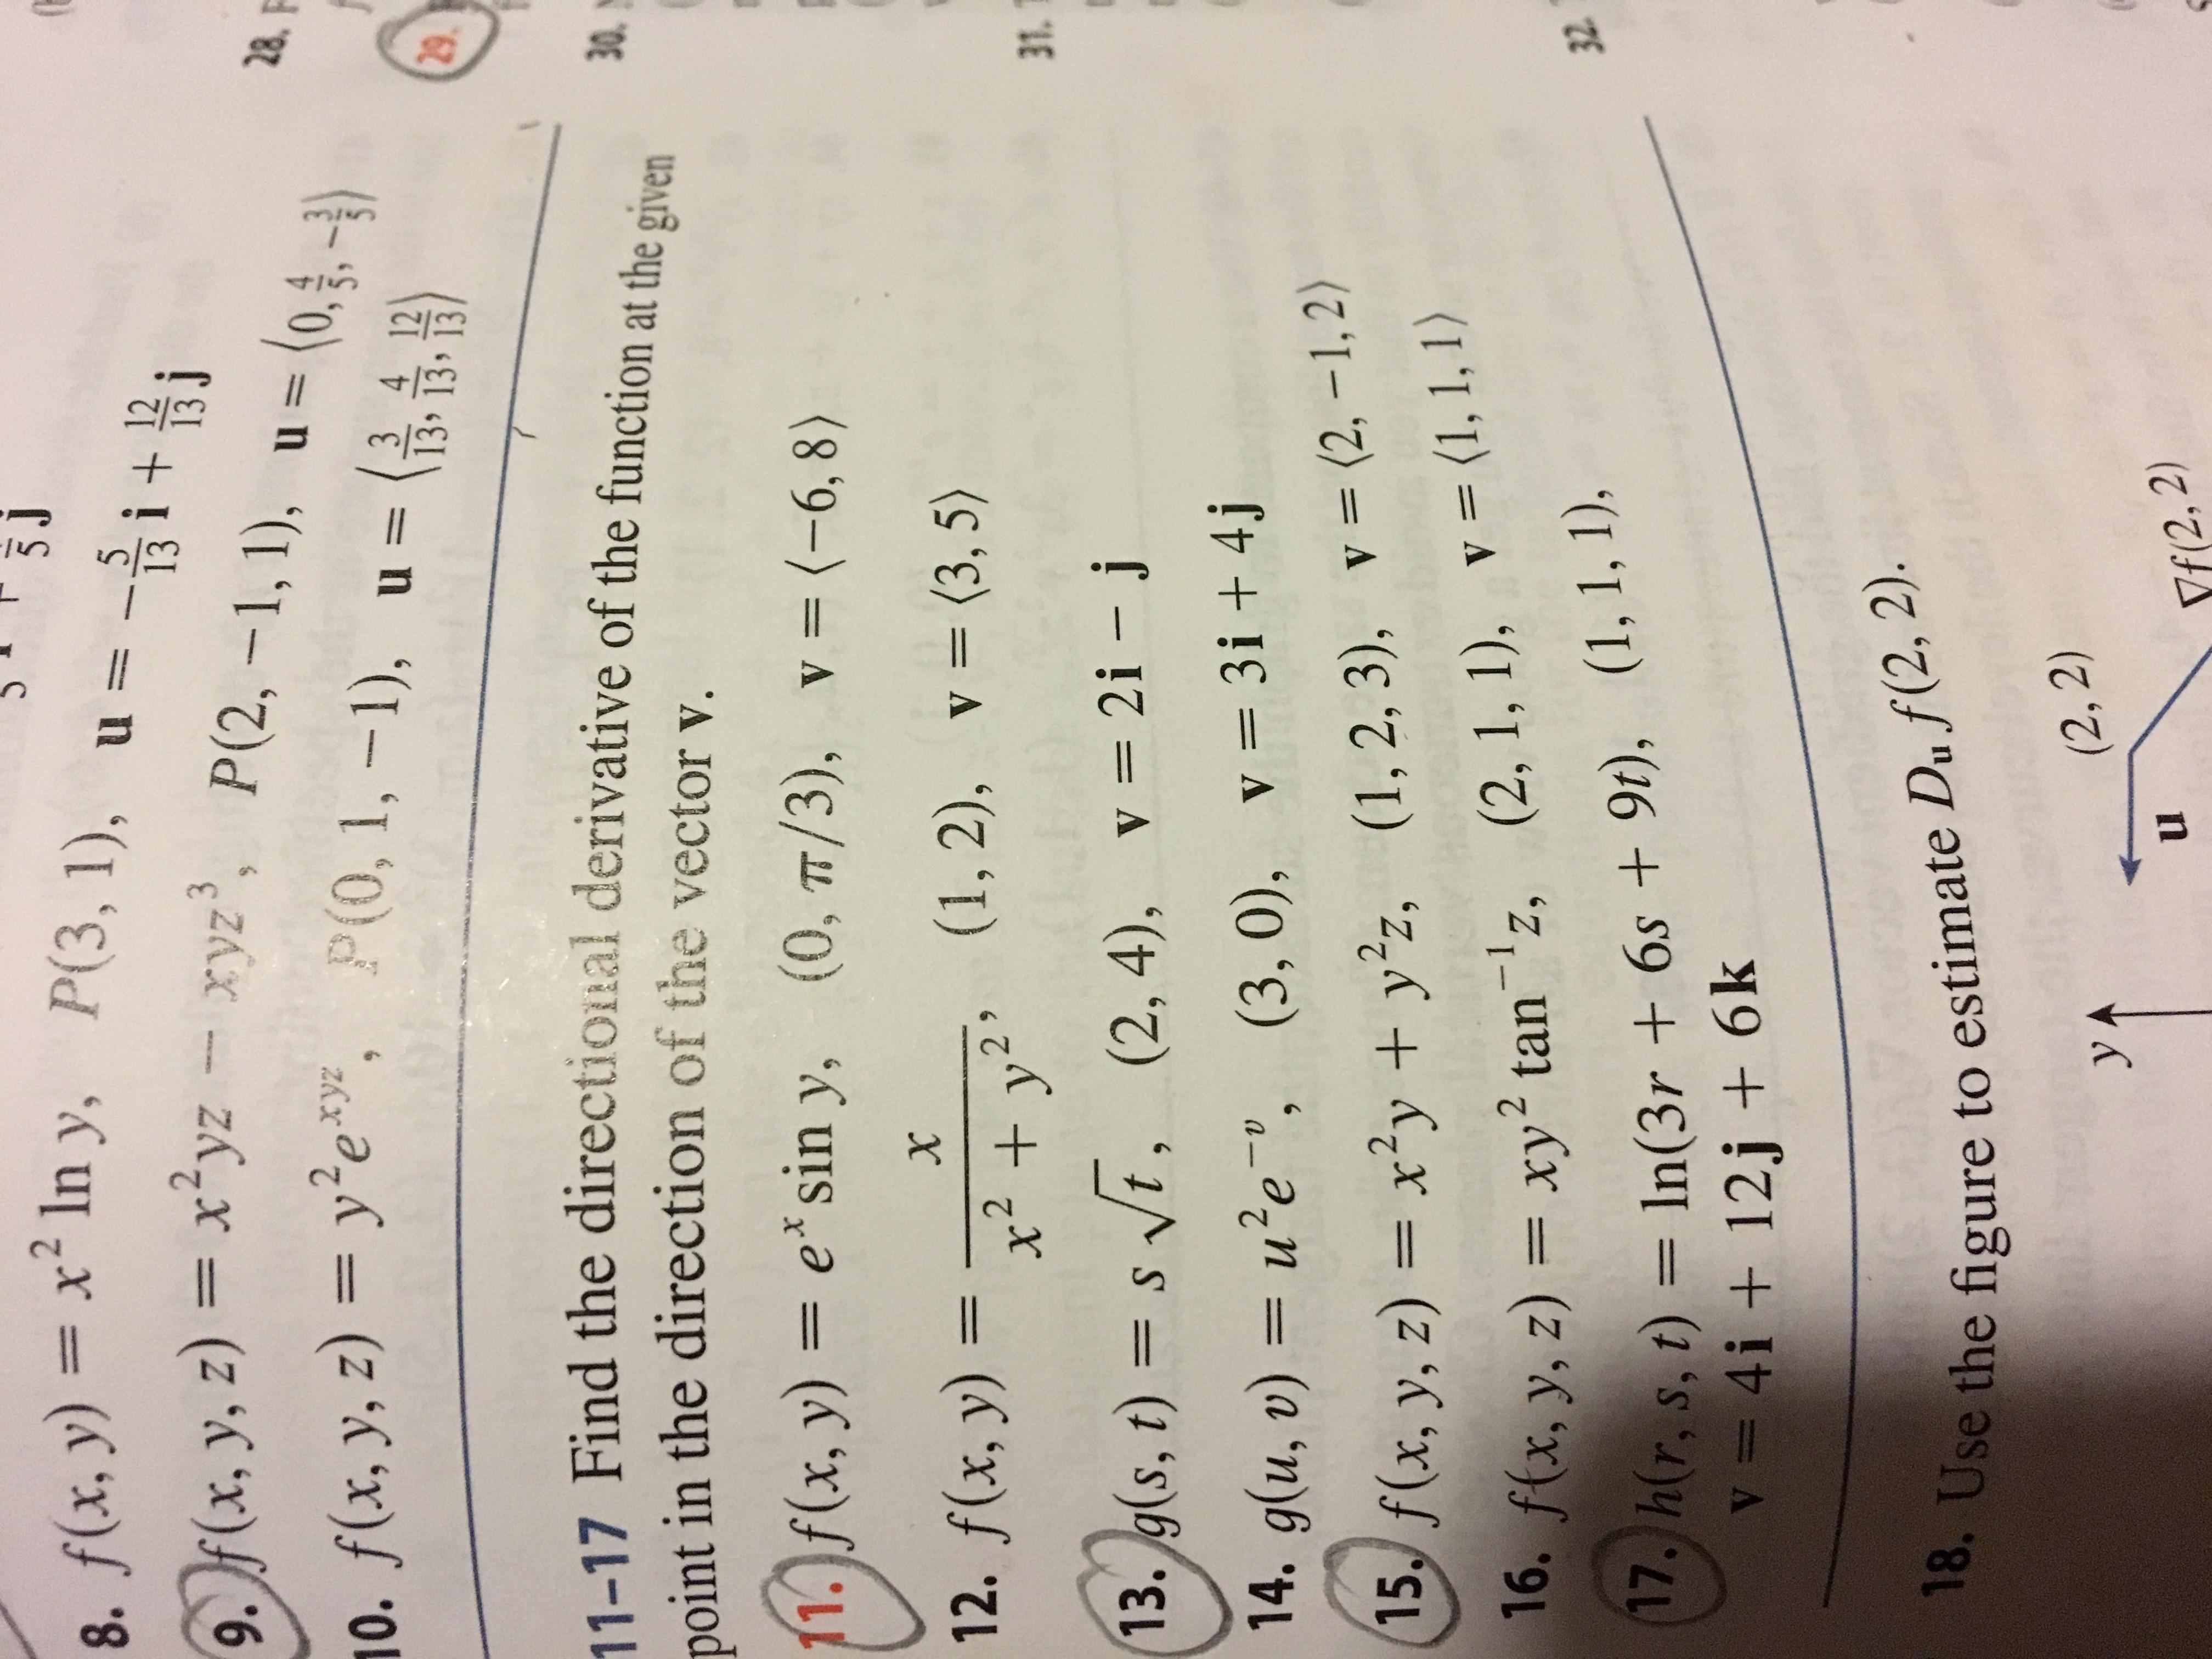 3J 8. f(x, y)xIn y, P(3, 1), u = 5 13 f(x, y, z) xyzxyz, P(2, -1, 1), 28. (0,,) 11 0. f(x, y, z) ye, (0, 1,-1), u= 3 4 12 13י134 29 11-17 Find the directional derivative of the function at the given 0 in the direction of the vector v point (0, TT/3), v= (-6, 8) 11. f(x, y) = e*sin y, (0, T/3), v = (-6, 8) (1, 2), v (3, 5) 12. f(x, y) = x2 2 * + y 31 (2,4), v 2i -j 13. g(s, t) = s t, (3, 0), v= 3i + 4j 14. g(u, v) = ue, v= (2, -1,2) f(x, y, z) = x2y + yz, 16. f(x, (1, 2, 3), v= (1, 1, 1) (2, 1, 1), y, z) = xy2 tan'z, 17. h(r, s, t) In(3r + 6s +9t), (1, 1, 1), V= 4i + 12j + 6k 32 18. Use the figure to estimate Du f(2, 2). (2, 2) yA Yf(2, 2)